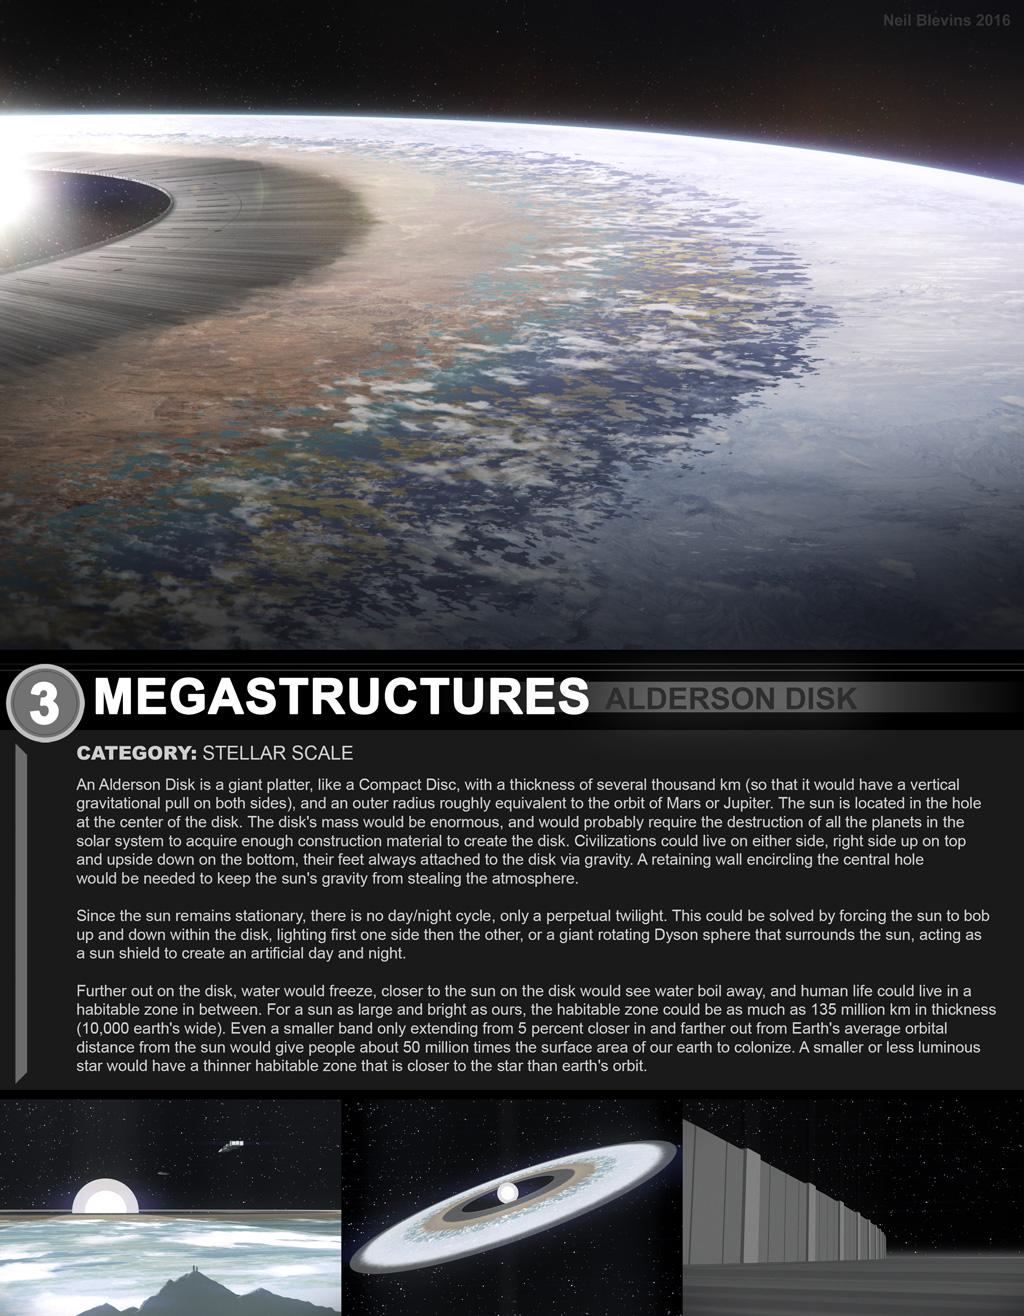 Megastructures Alderson Disk